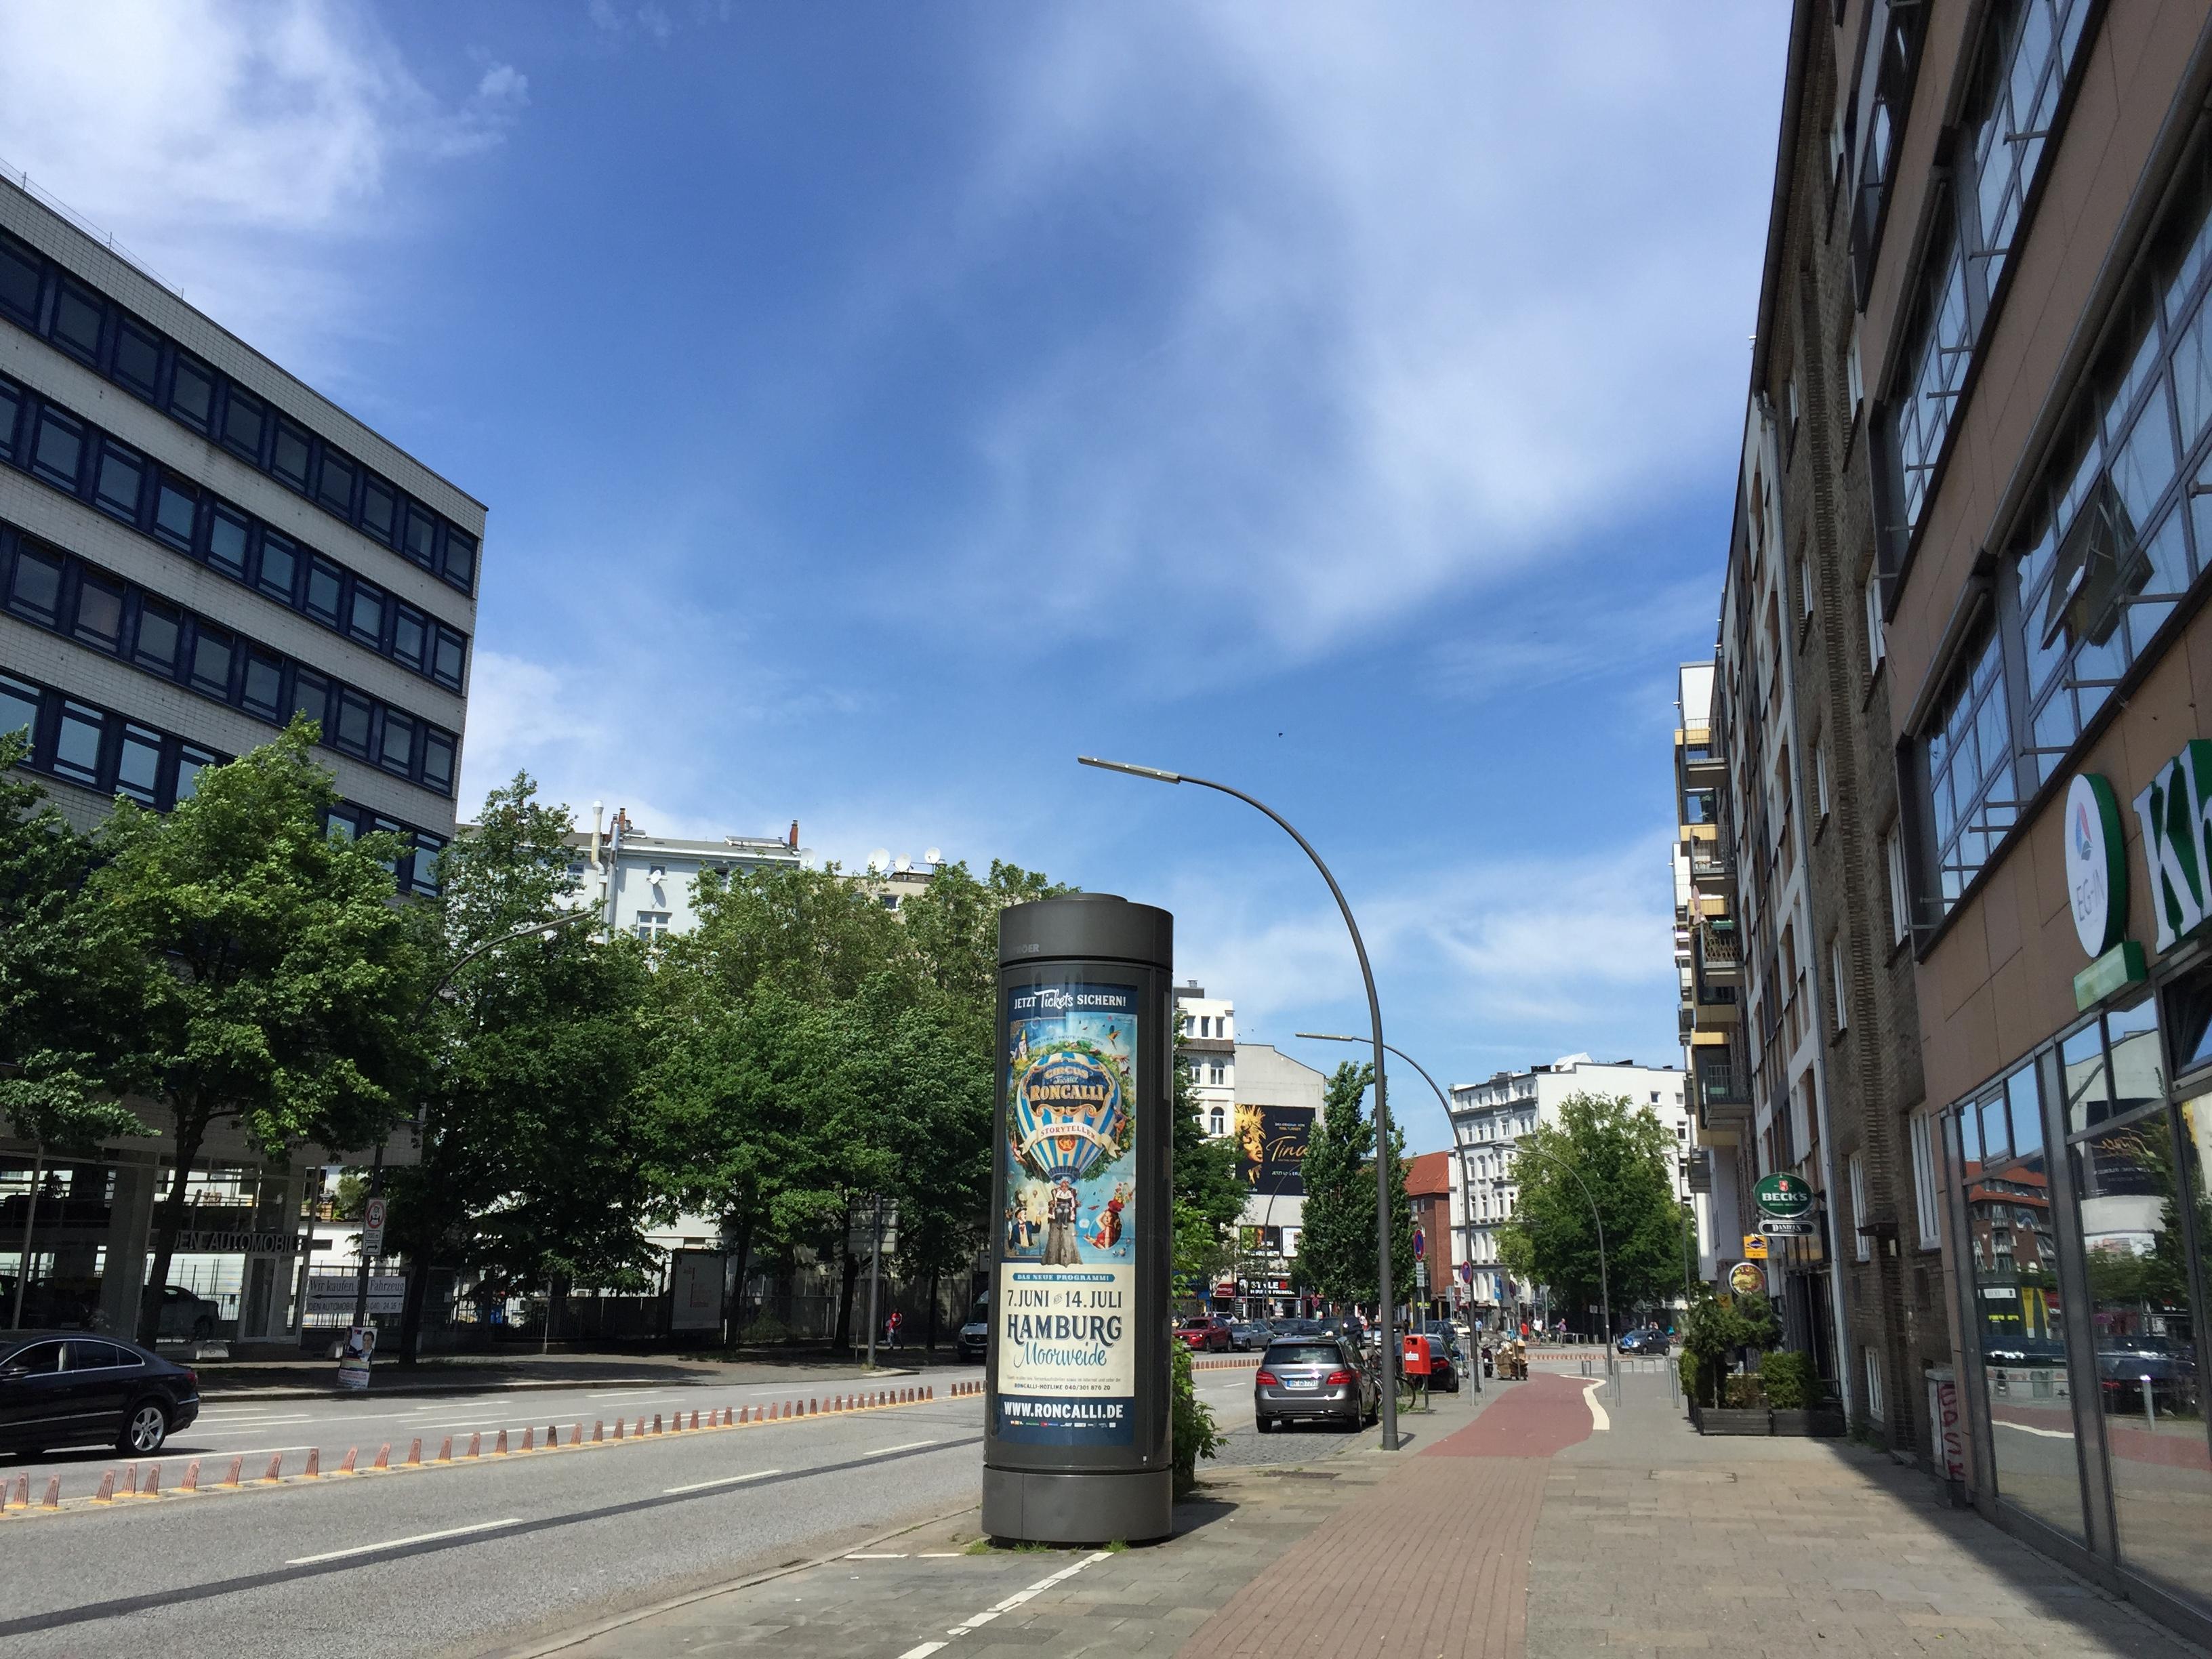 ハンブルクの街角にて